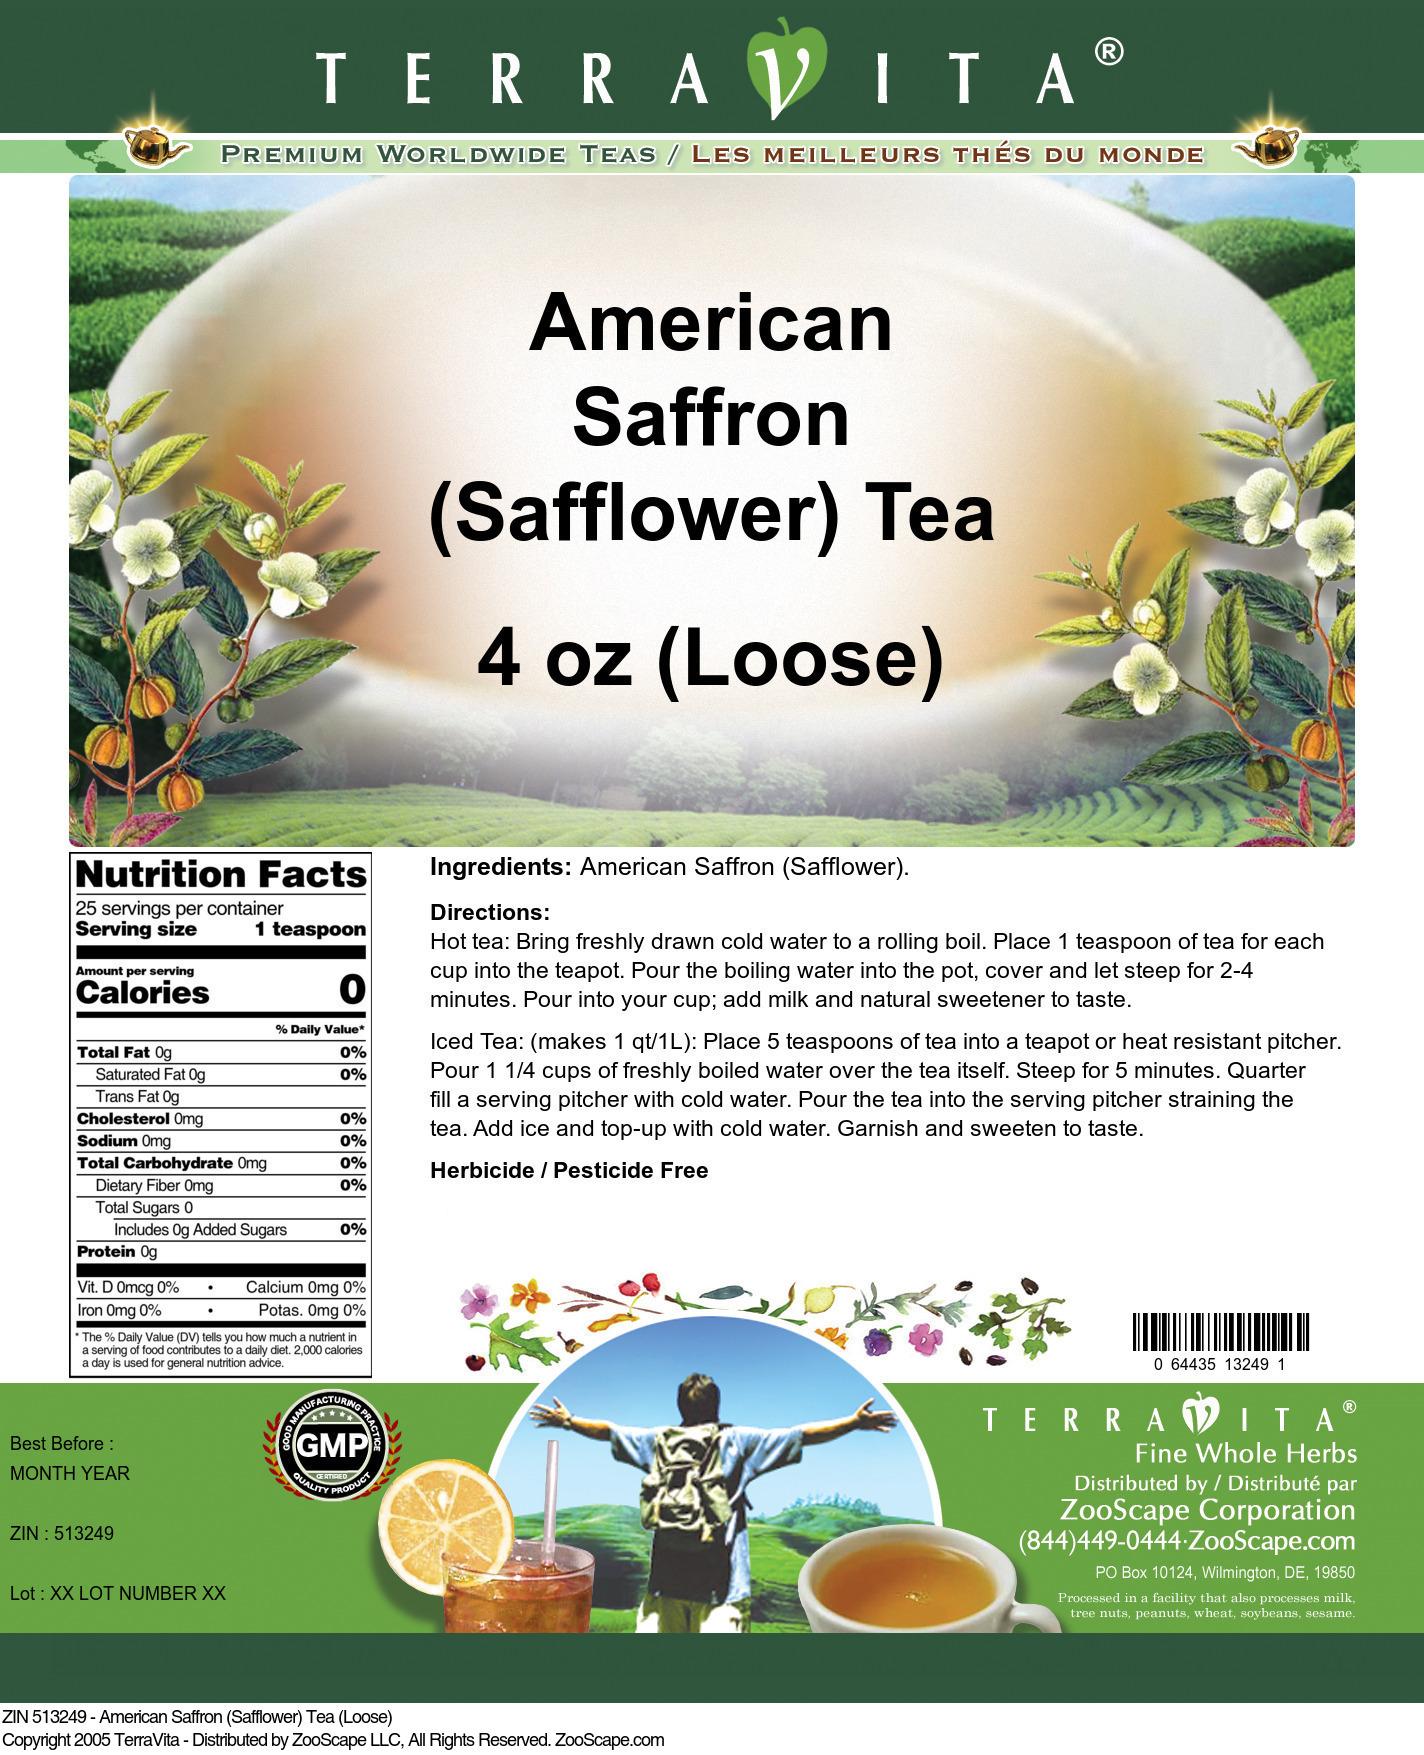 American Saffron (Safflower) Tea (Loose)